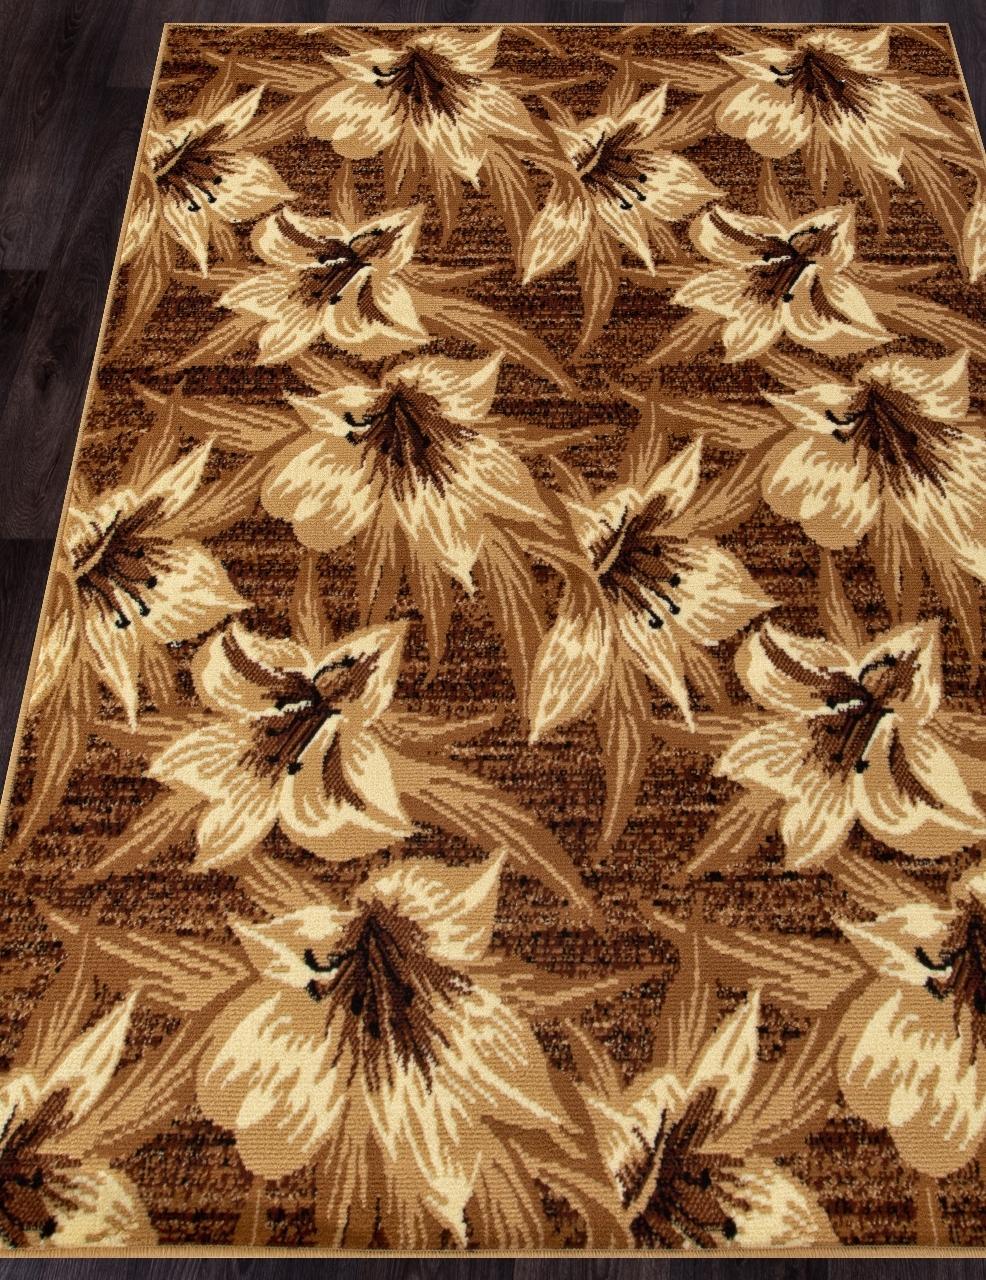 Ковер D490 - BROWN - Прямоугольник - коллекция LAGUNA - фото 1